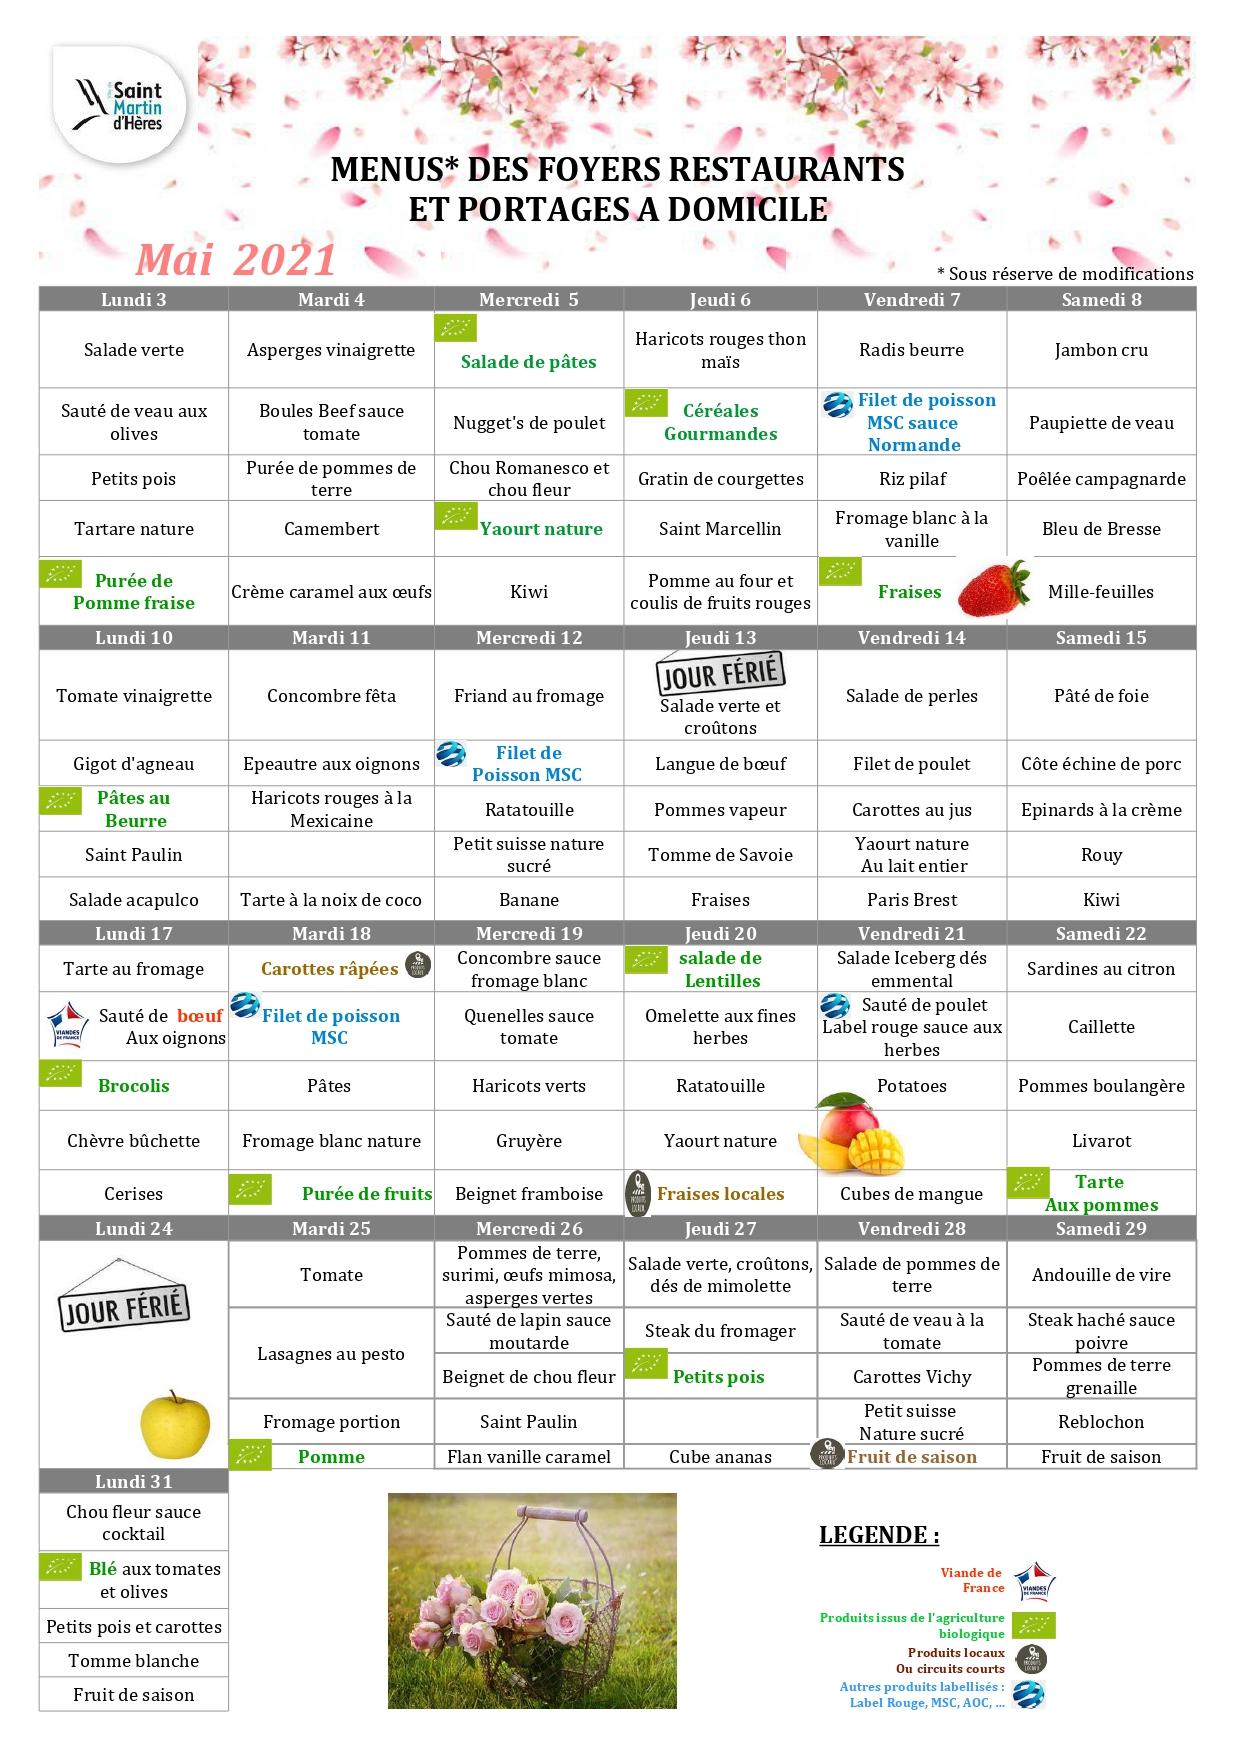 Menus foyers restaurants et portages : Avril 2021